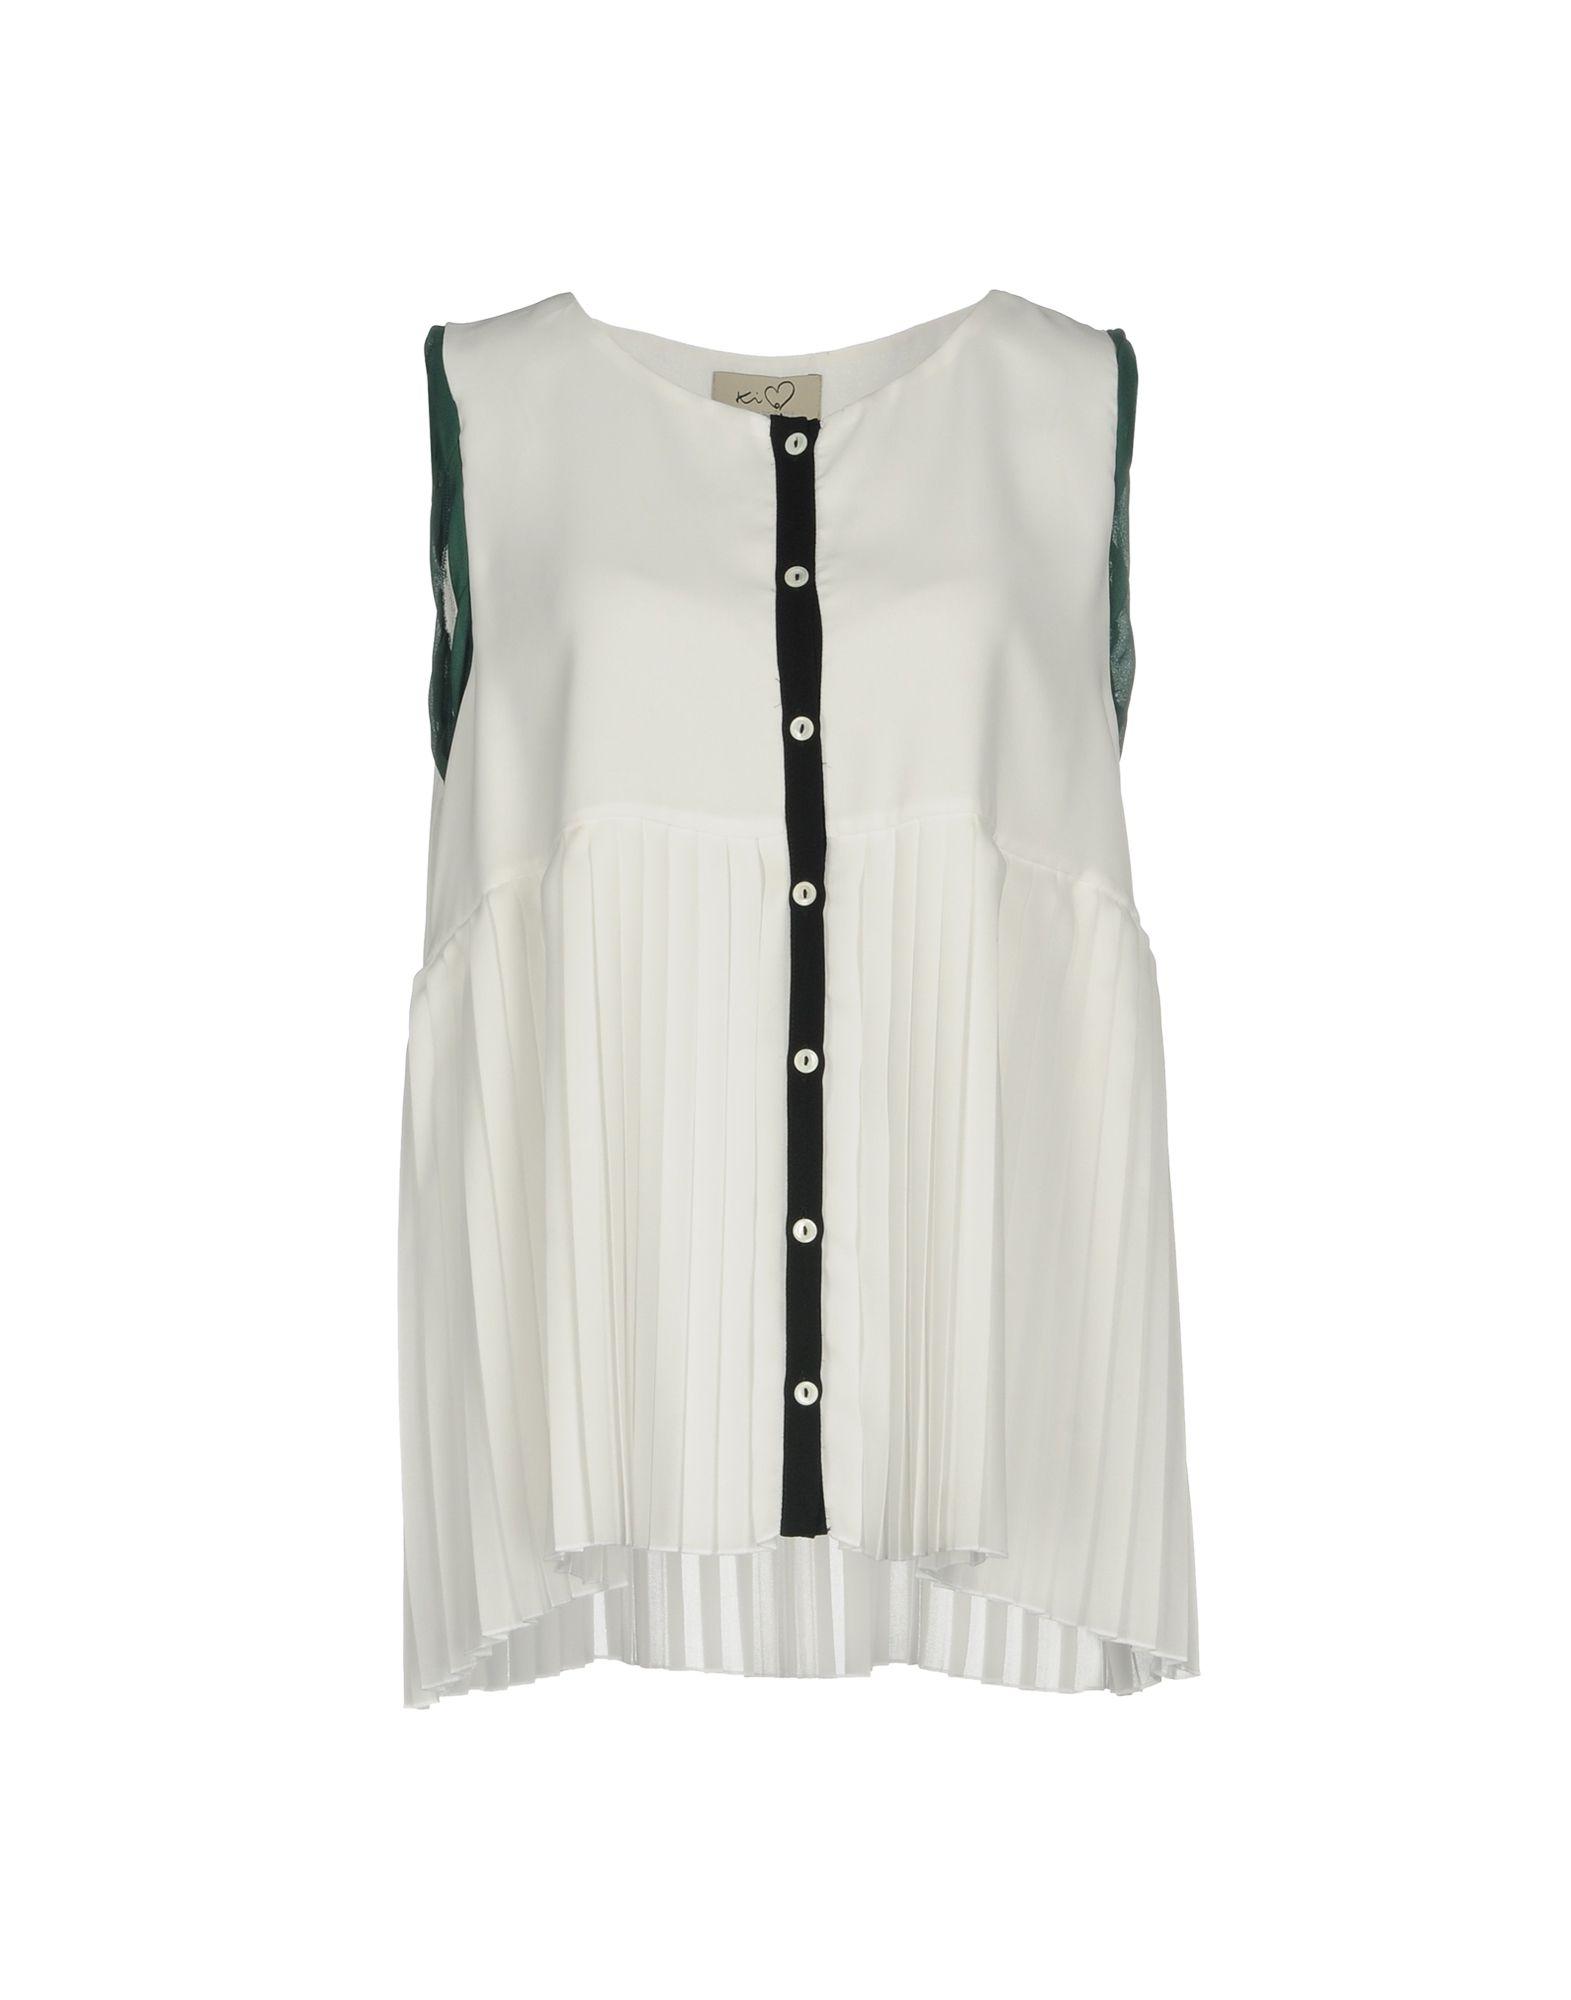 Camicie E Bluse Tinta Unita Ki6? Who Are You? Donna - Acquista online su 2SWqM